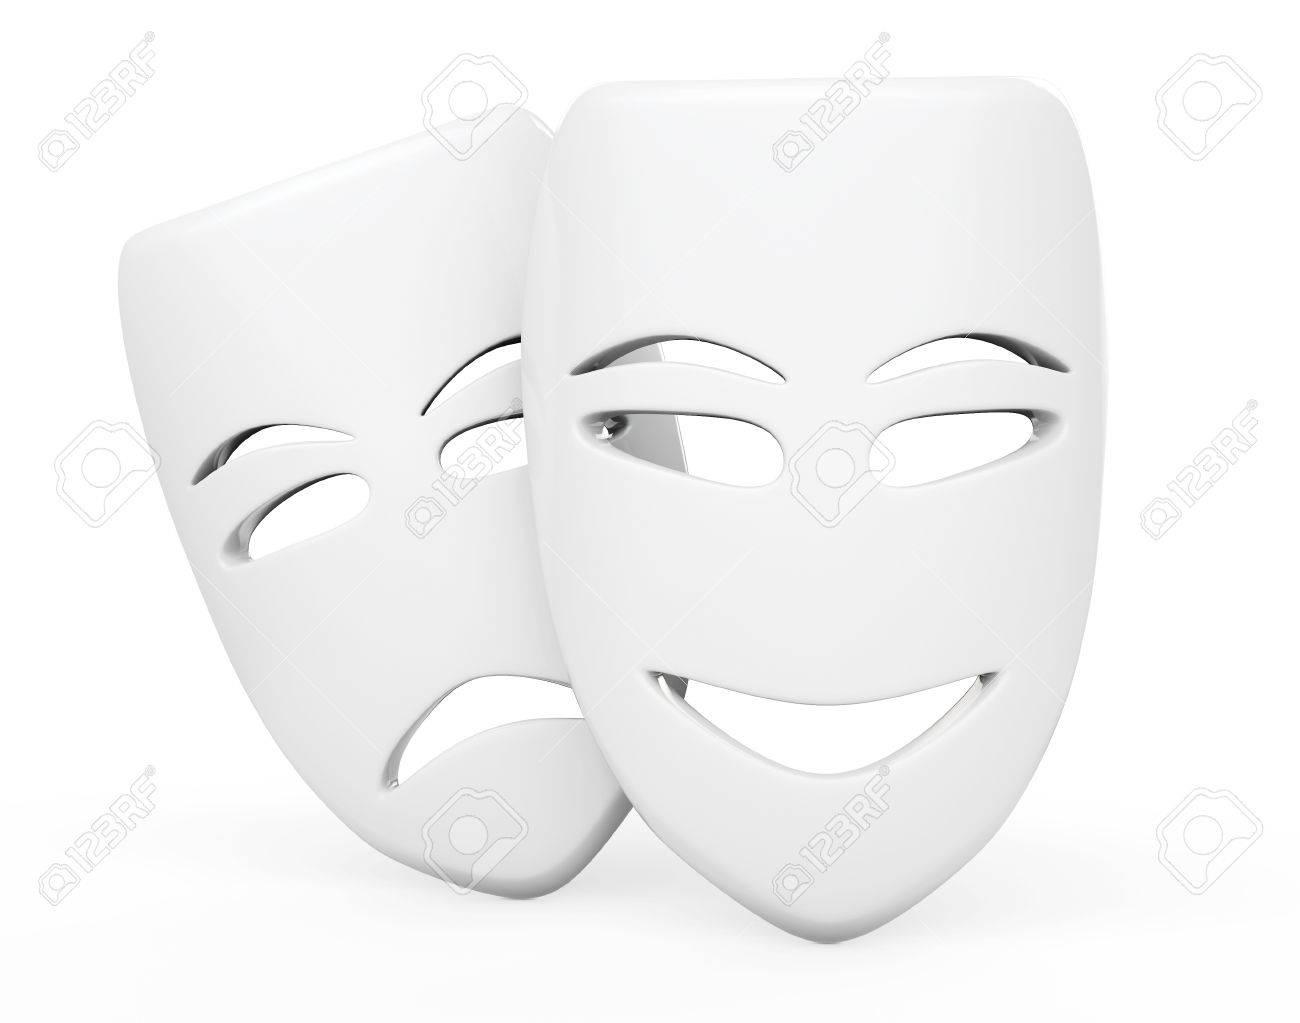 Tragi Comiques Théâtre Masques Masques Tristes Et Sourire Sur Un